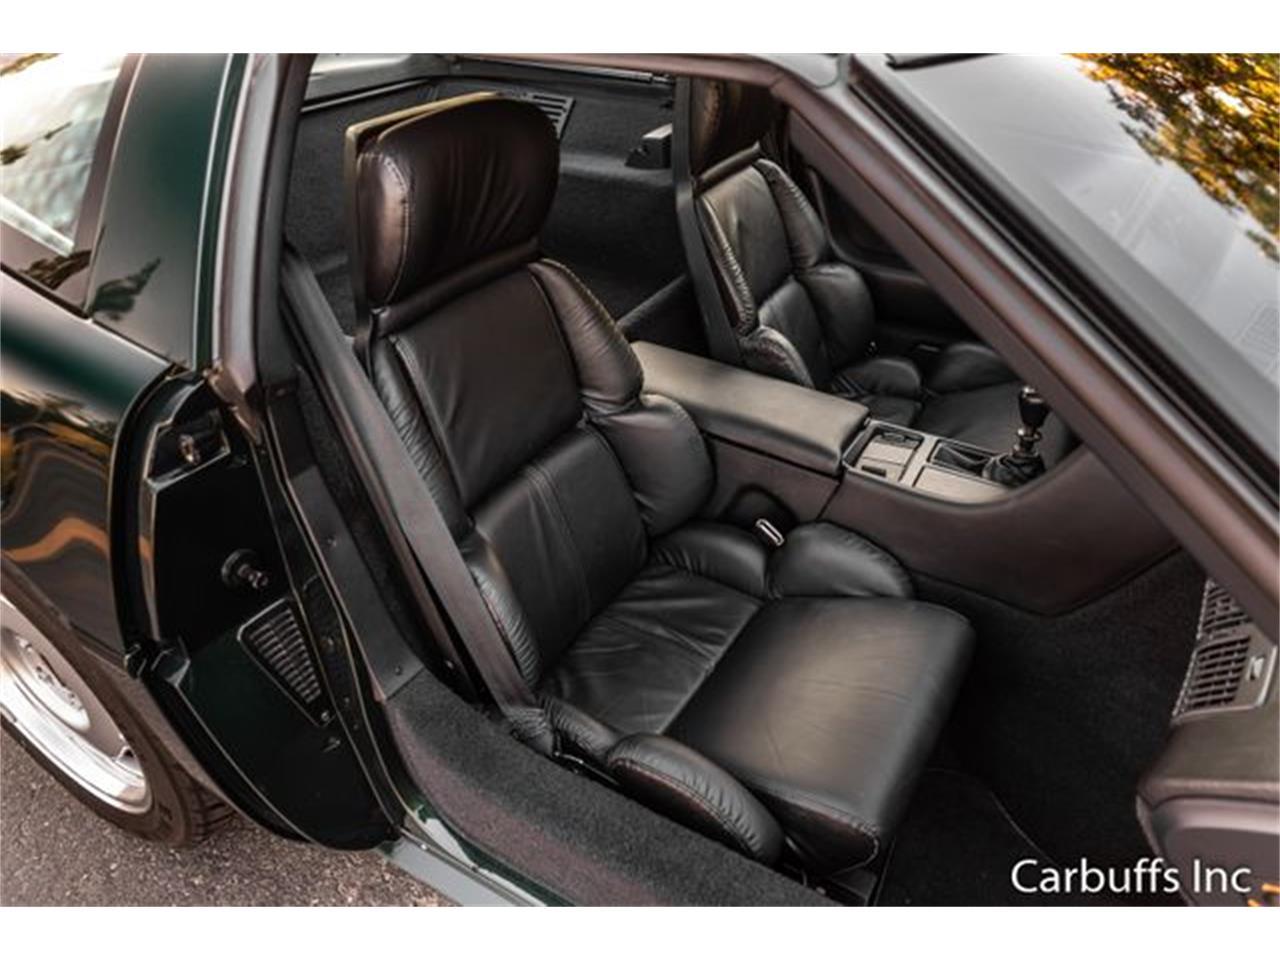 1992 Chevrolet Corvette (CC-1391481) for sale in Concord, California